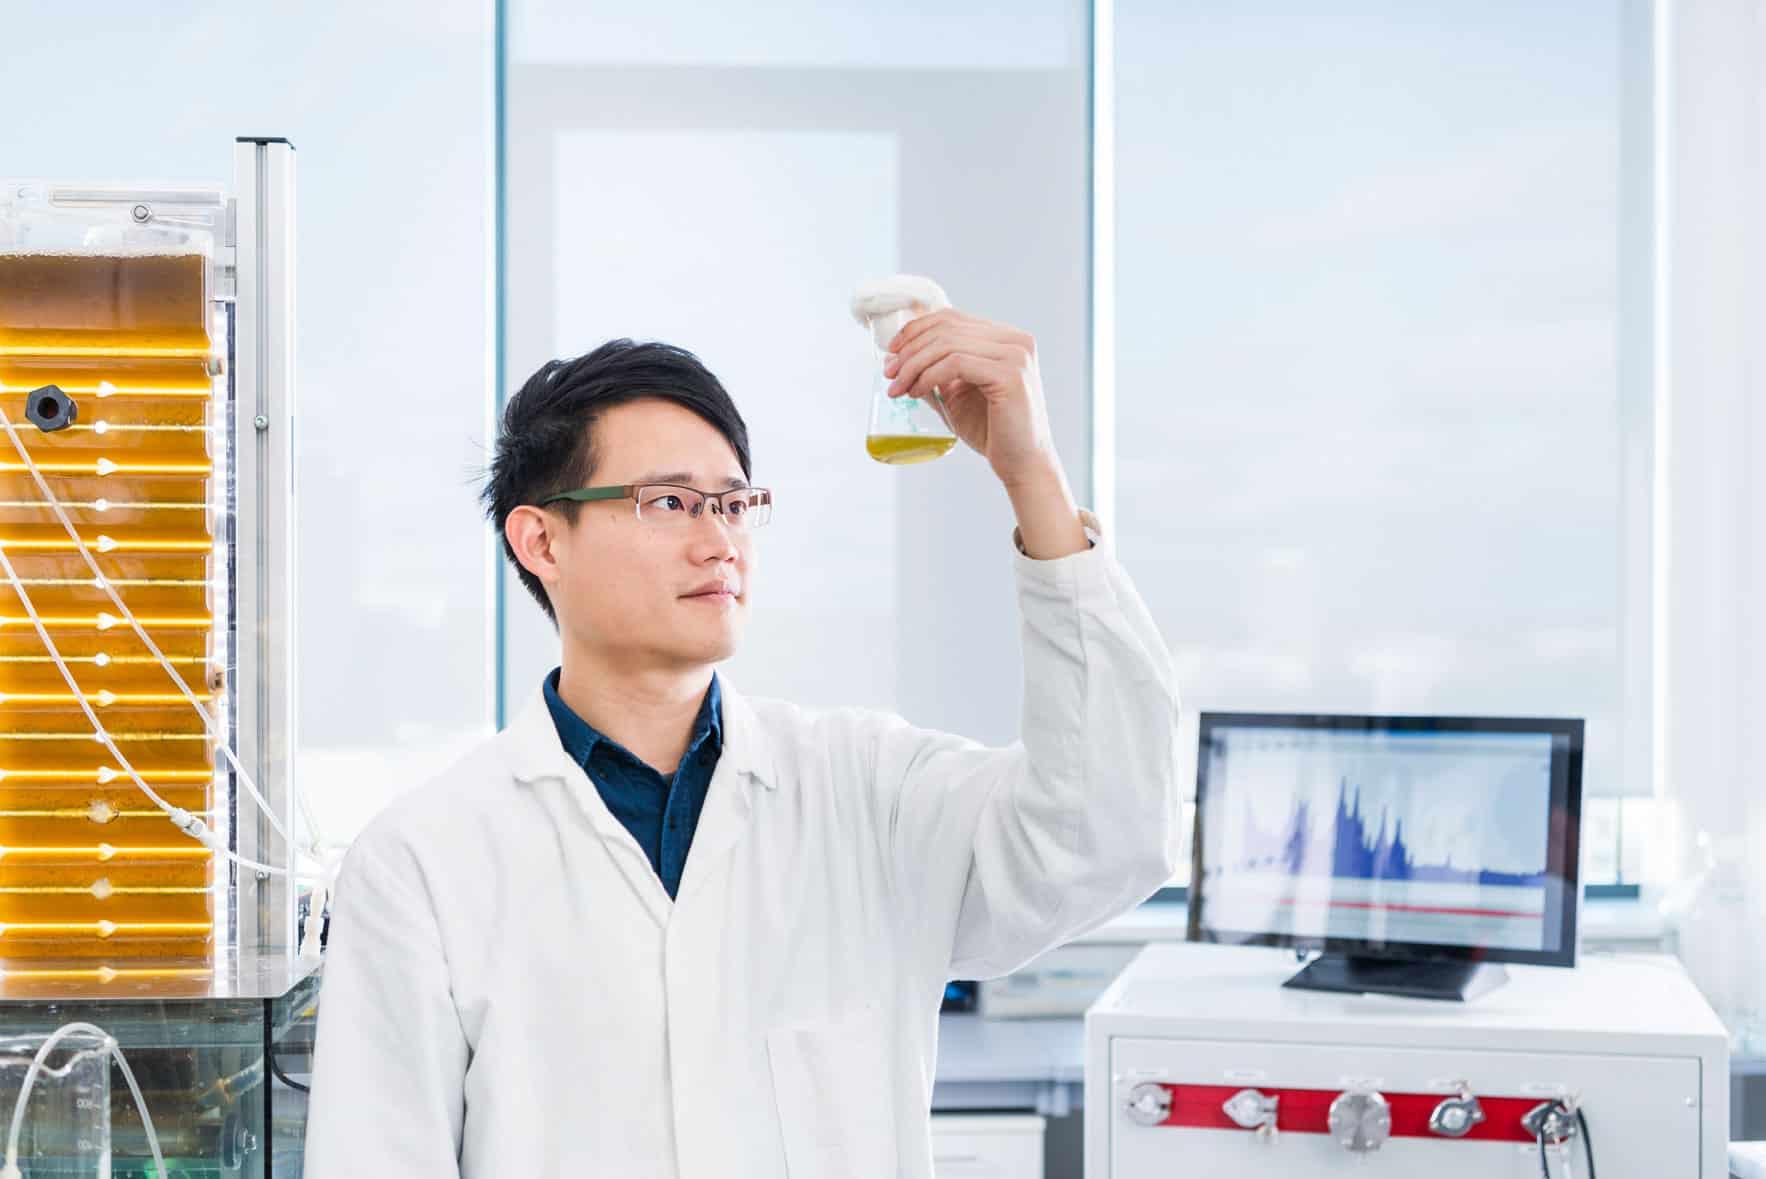 Laborant der die gemessene Flüssigkeit betrachtet